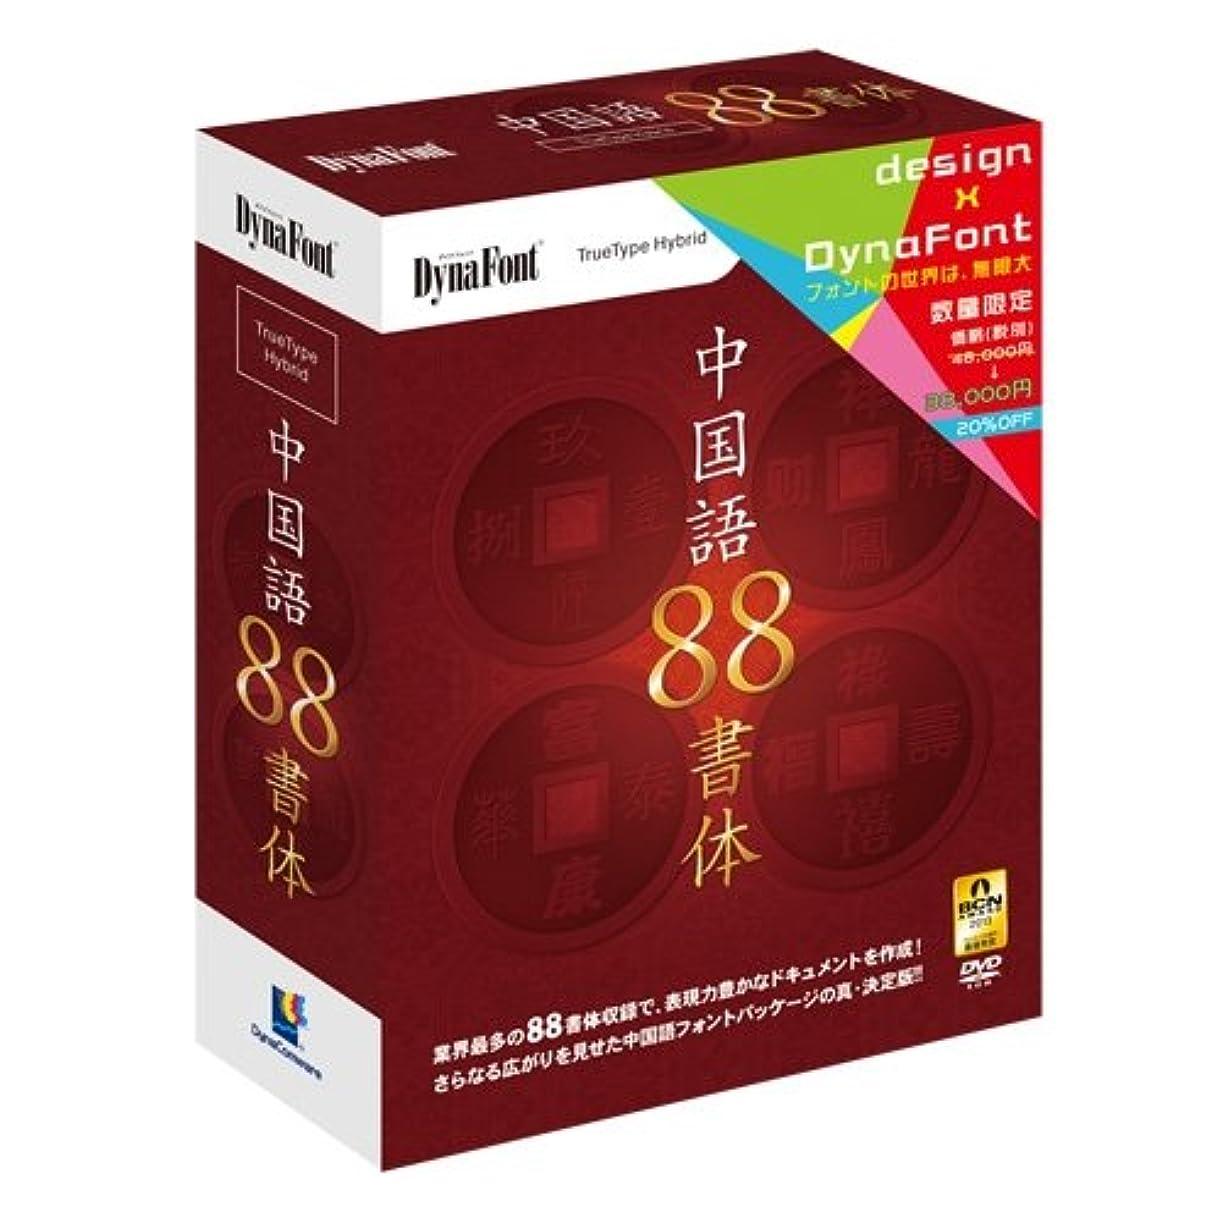 伴う無駄だファンシーDynaFont 中国語88書体 TrueType Hybrid 20周年感謝版